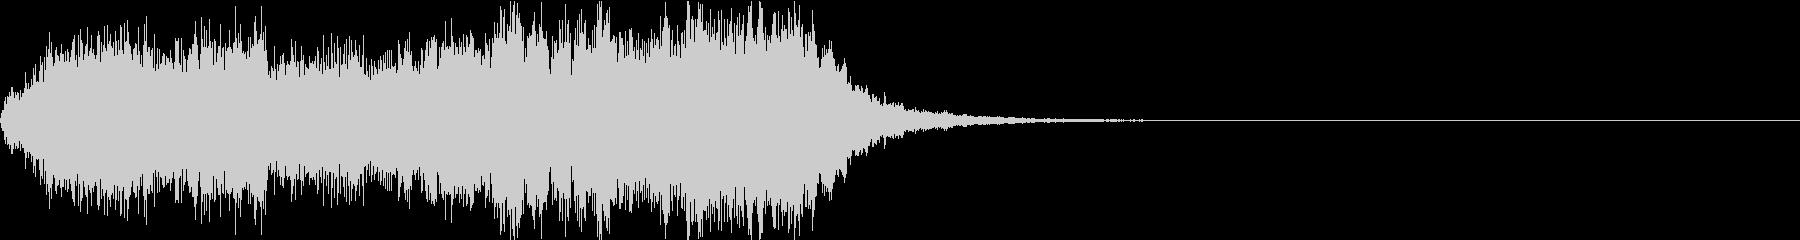 ストリングスによるダークなジングルの未再生の波形